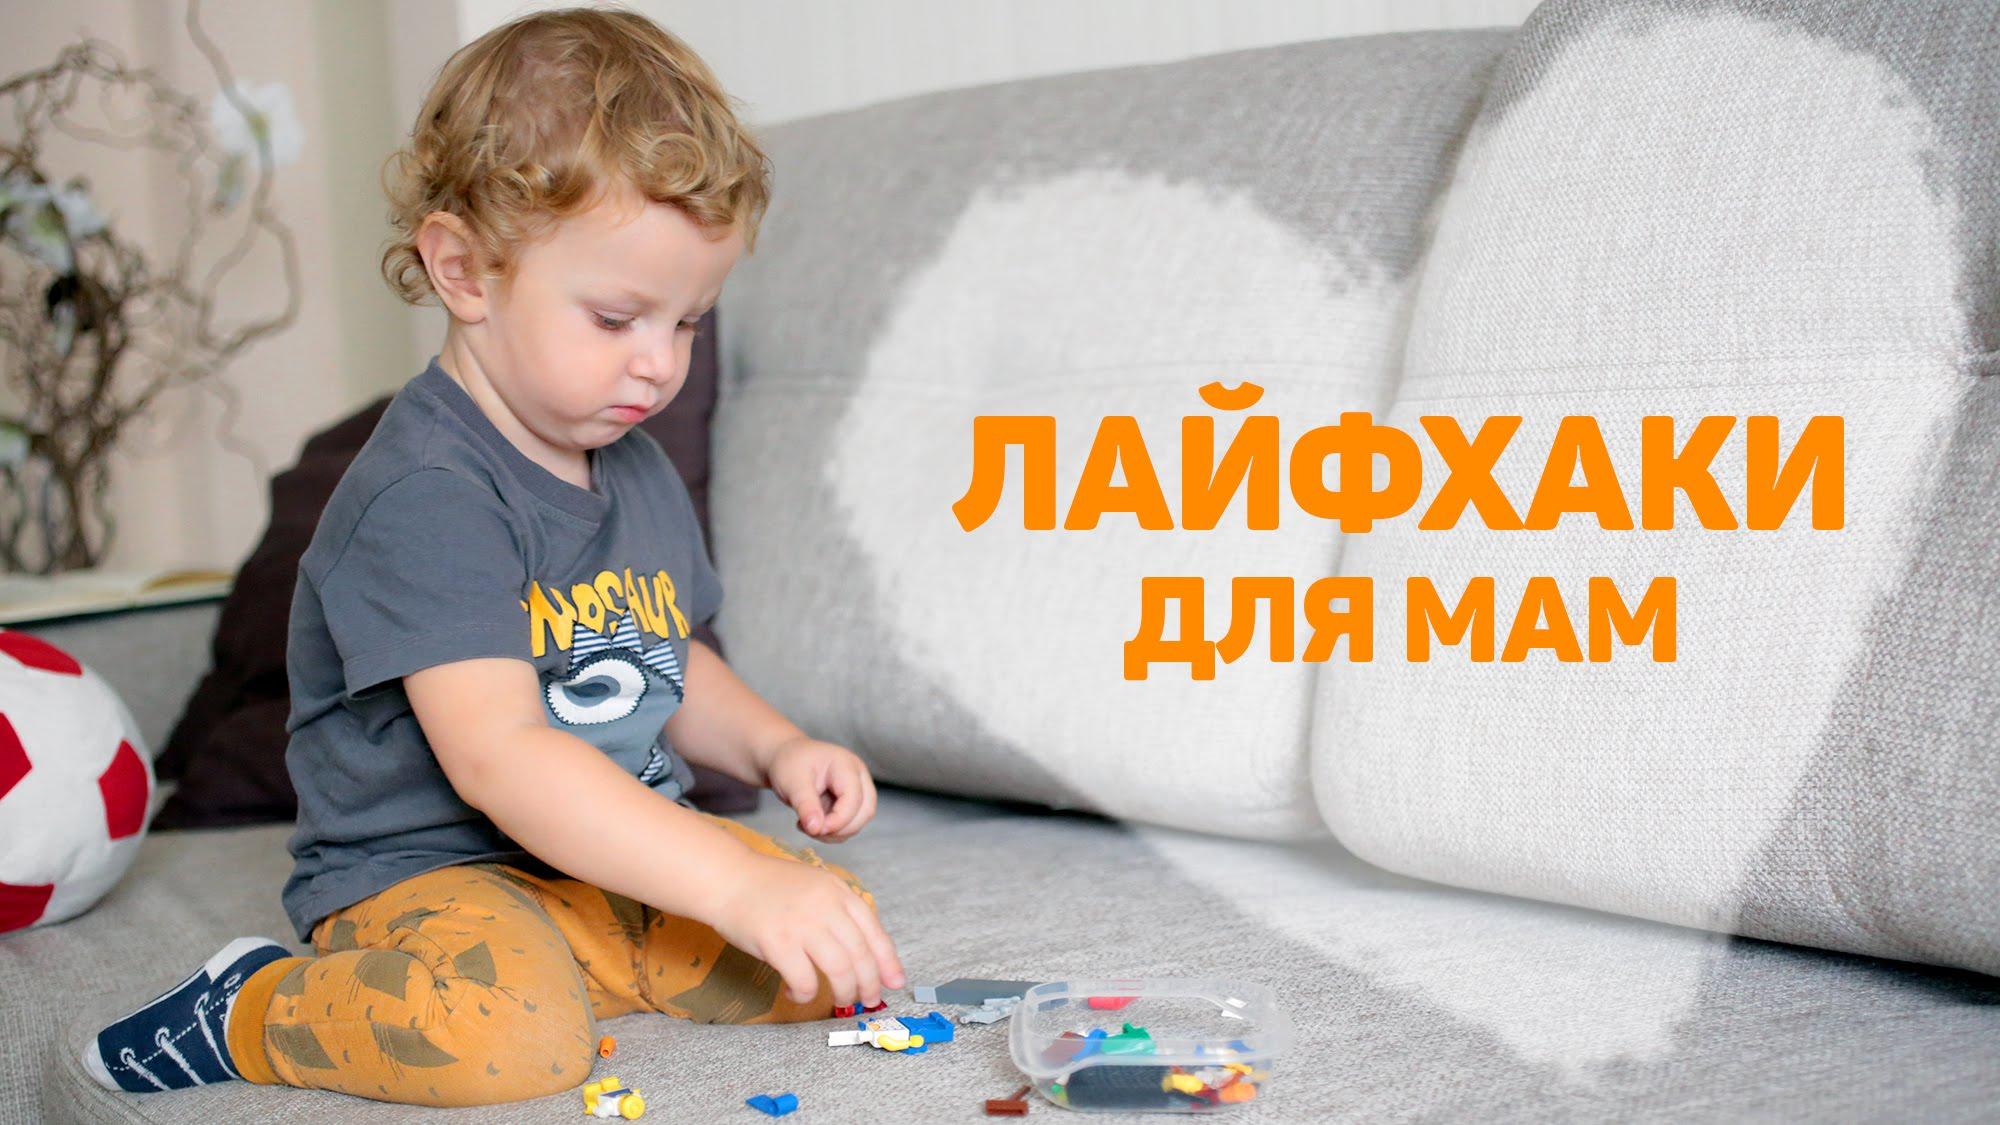 Как и где найти свободное время: 6 лайфхаков для молодой мамы - иркутская городская детская поликлиника №5